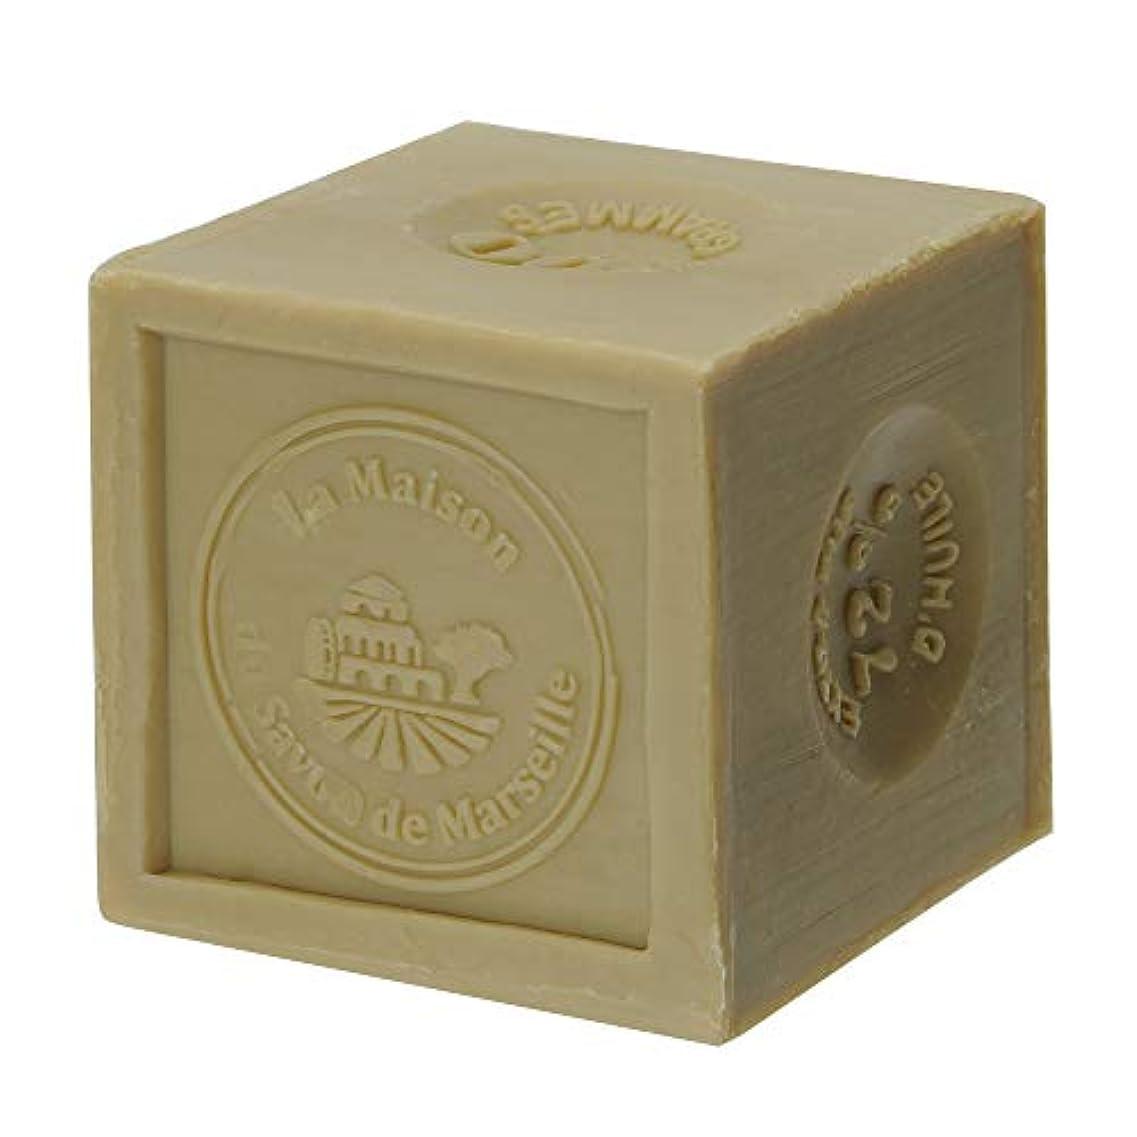 クスコ完全に野球ノルコーポレーション マルセイユ石鹸 オリーブ UPSM認証マーク付き 300g MLL-3-1